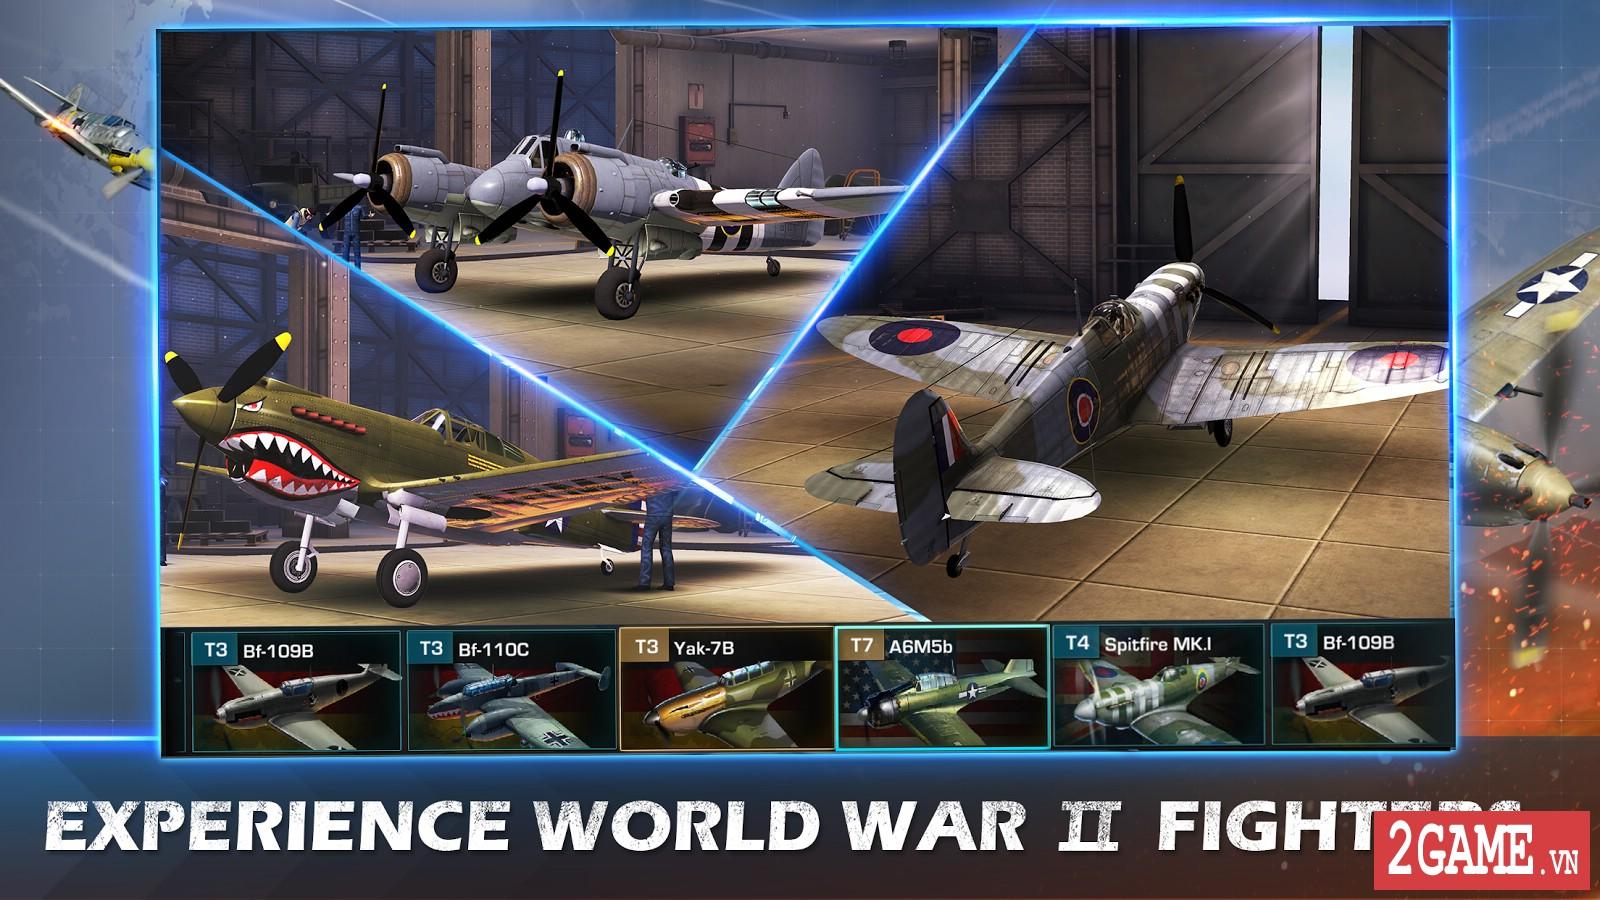 War Wings - Game bắn máy bay trực tuyến hay tuyệt cú mèo dành cho mobile game 4